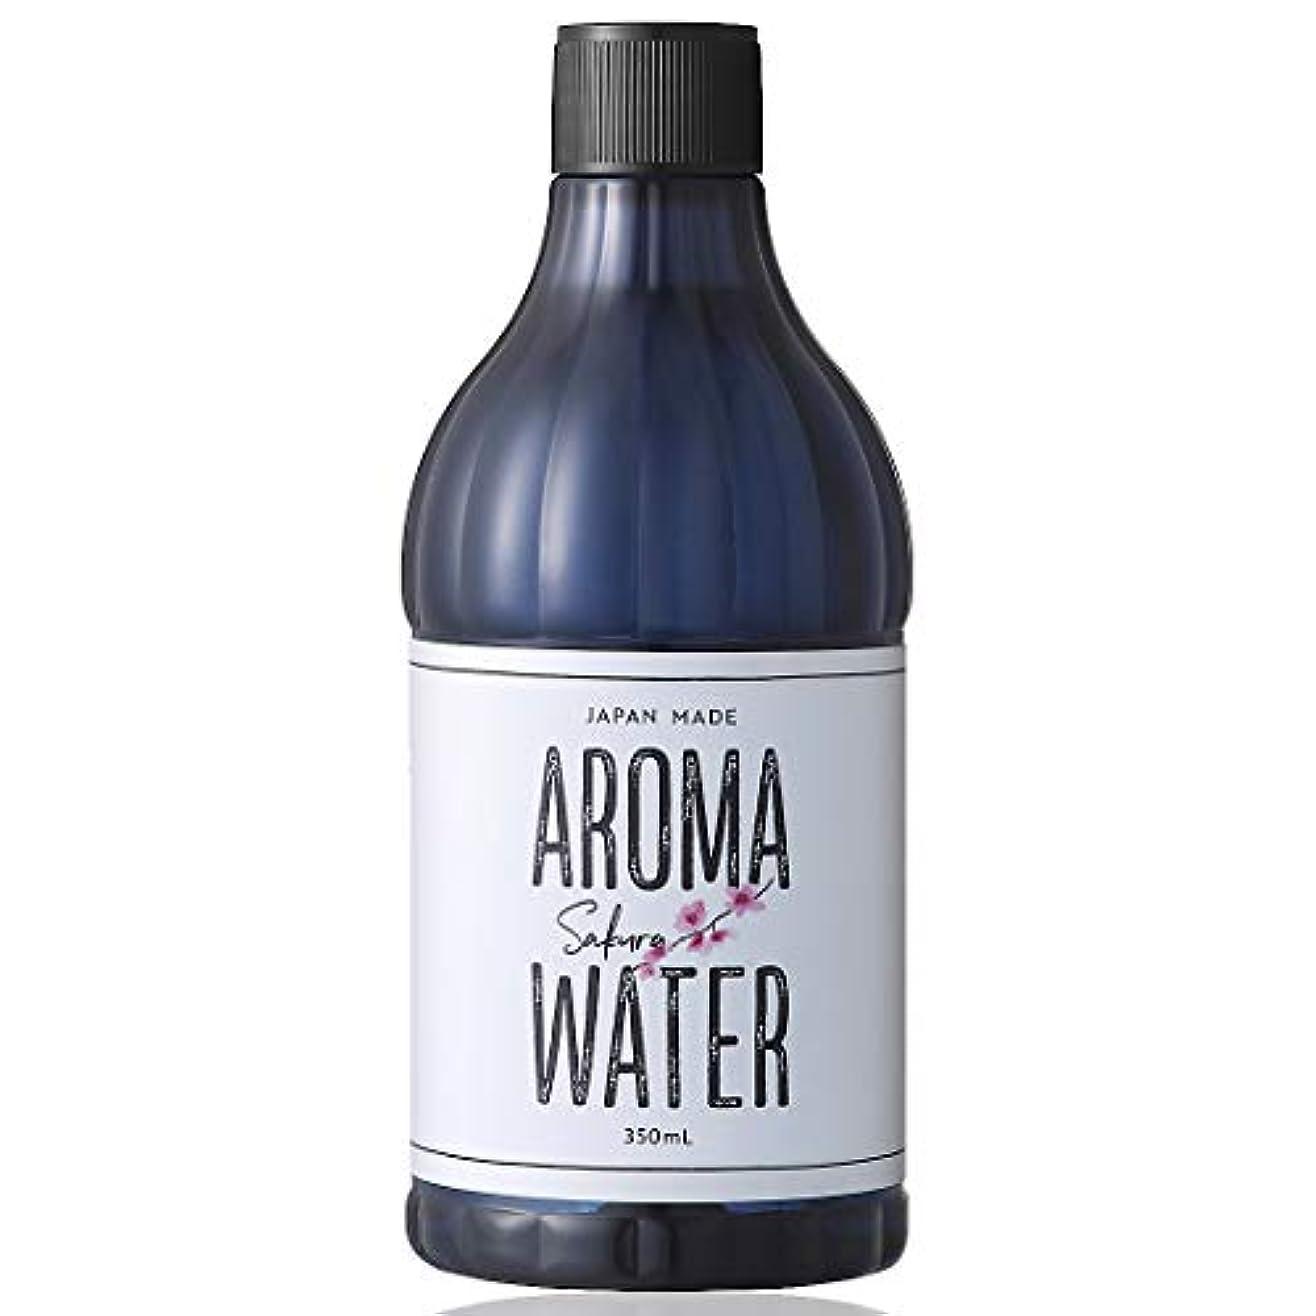 統合する転送苦痛デイリーアロマジャパン アロマウォーター 加湿器用 350ml 日本製 水溶性アロマ - サクラ